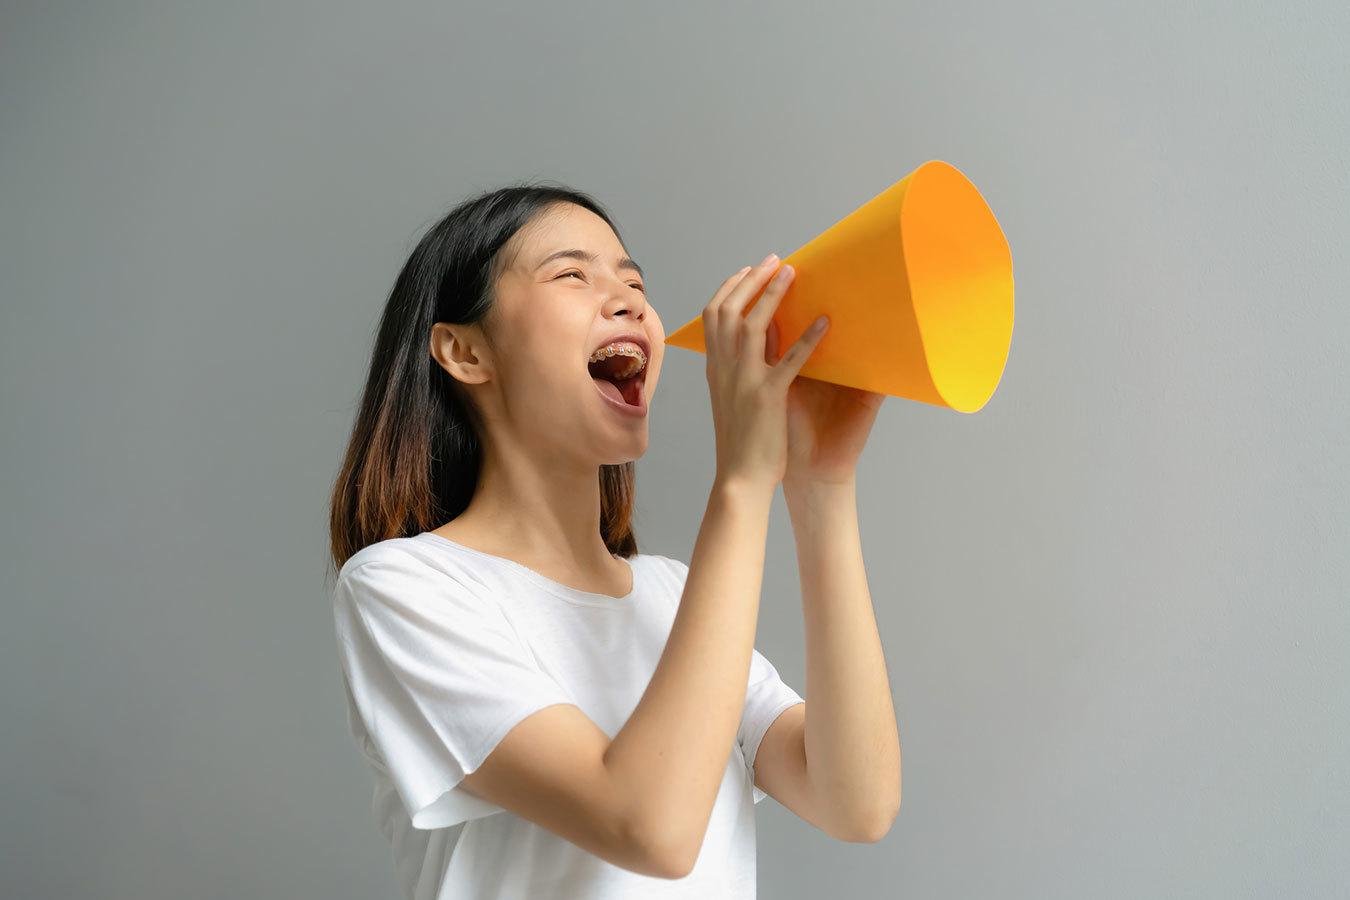 進化が止まらない音声認識テクノロジー。検索は「声」でする時代へ